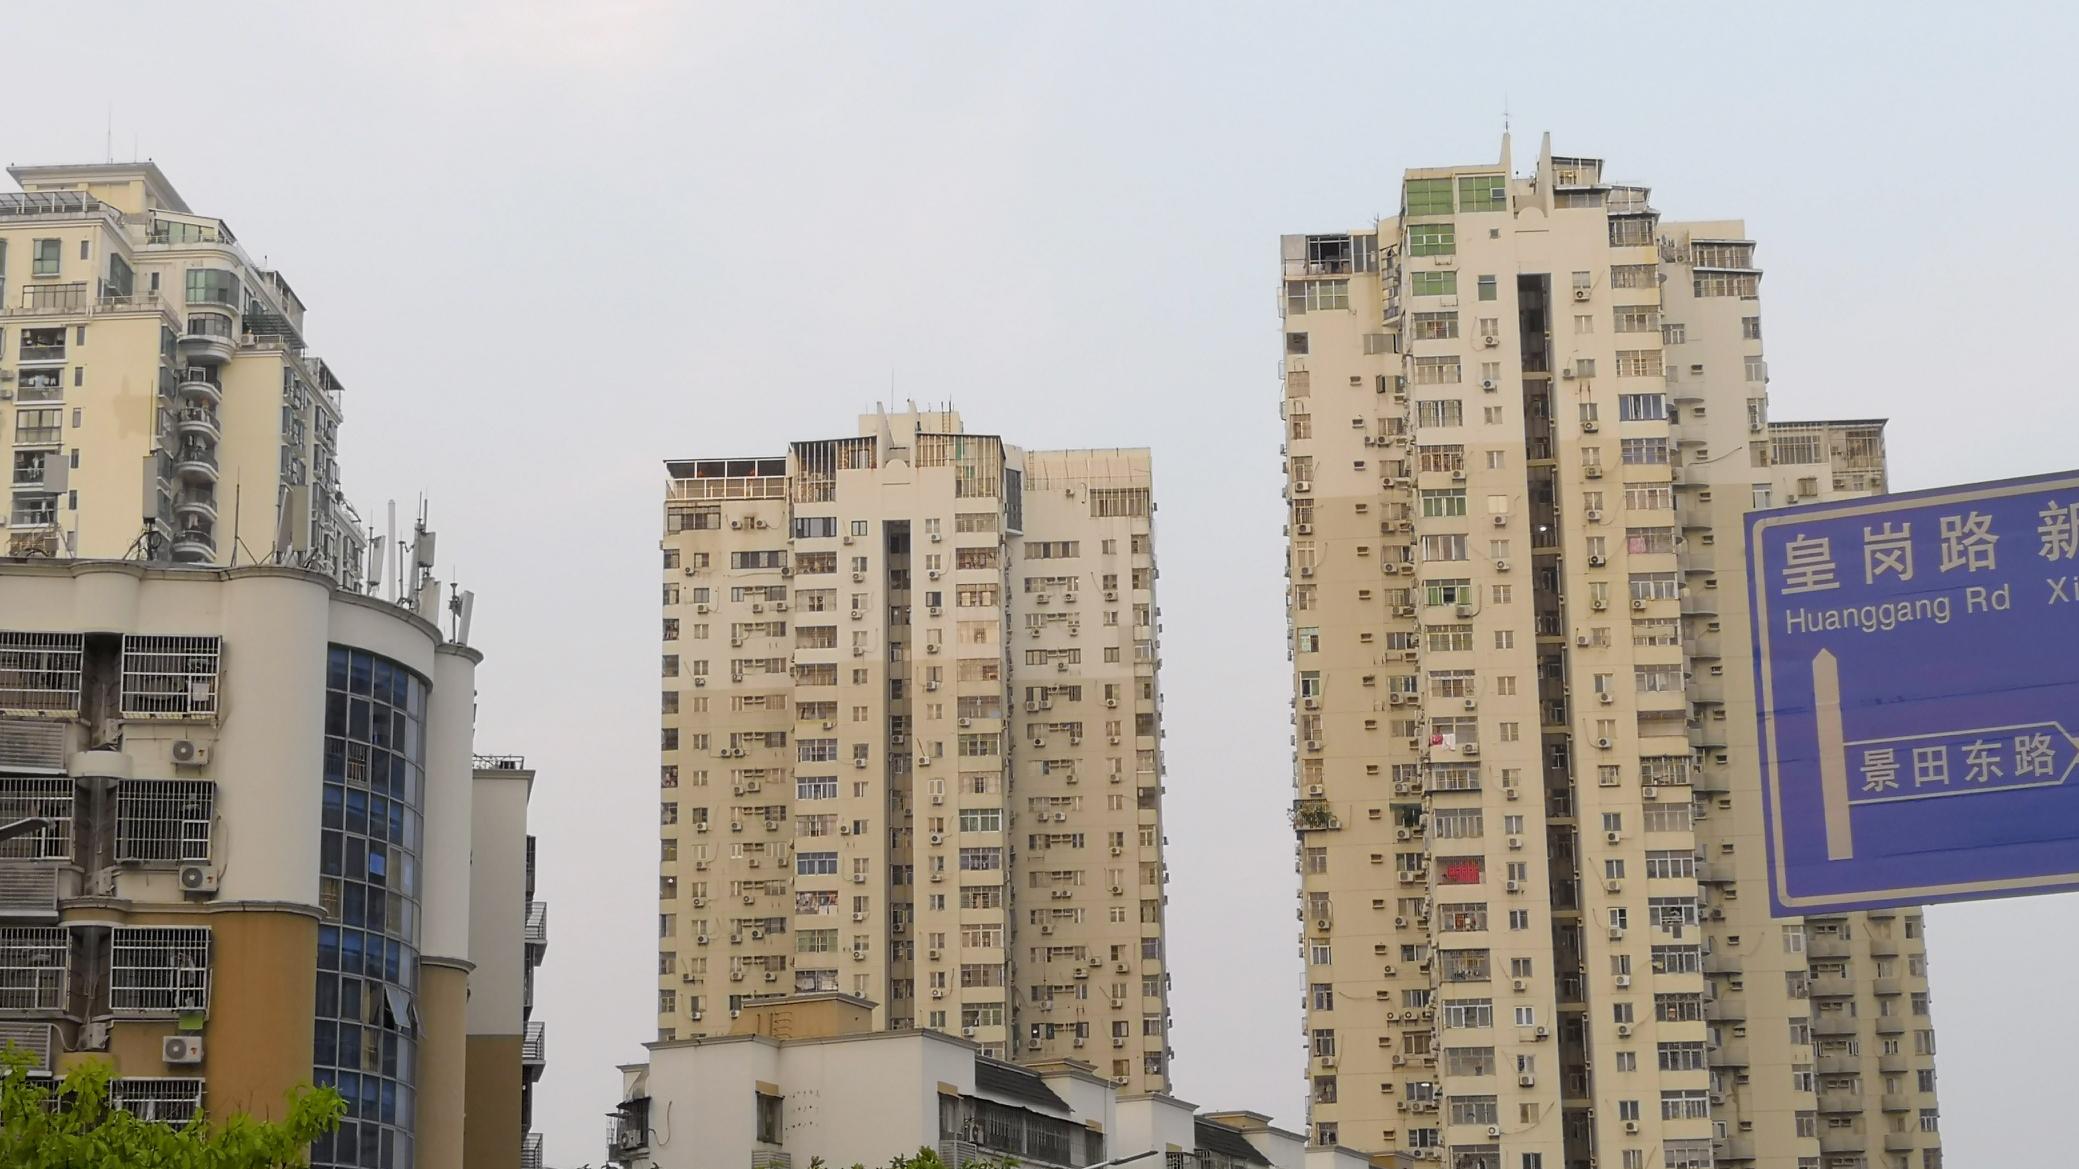 两部门:6月底前完成建档立卡贫困户住房安全有保障核验工作